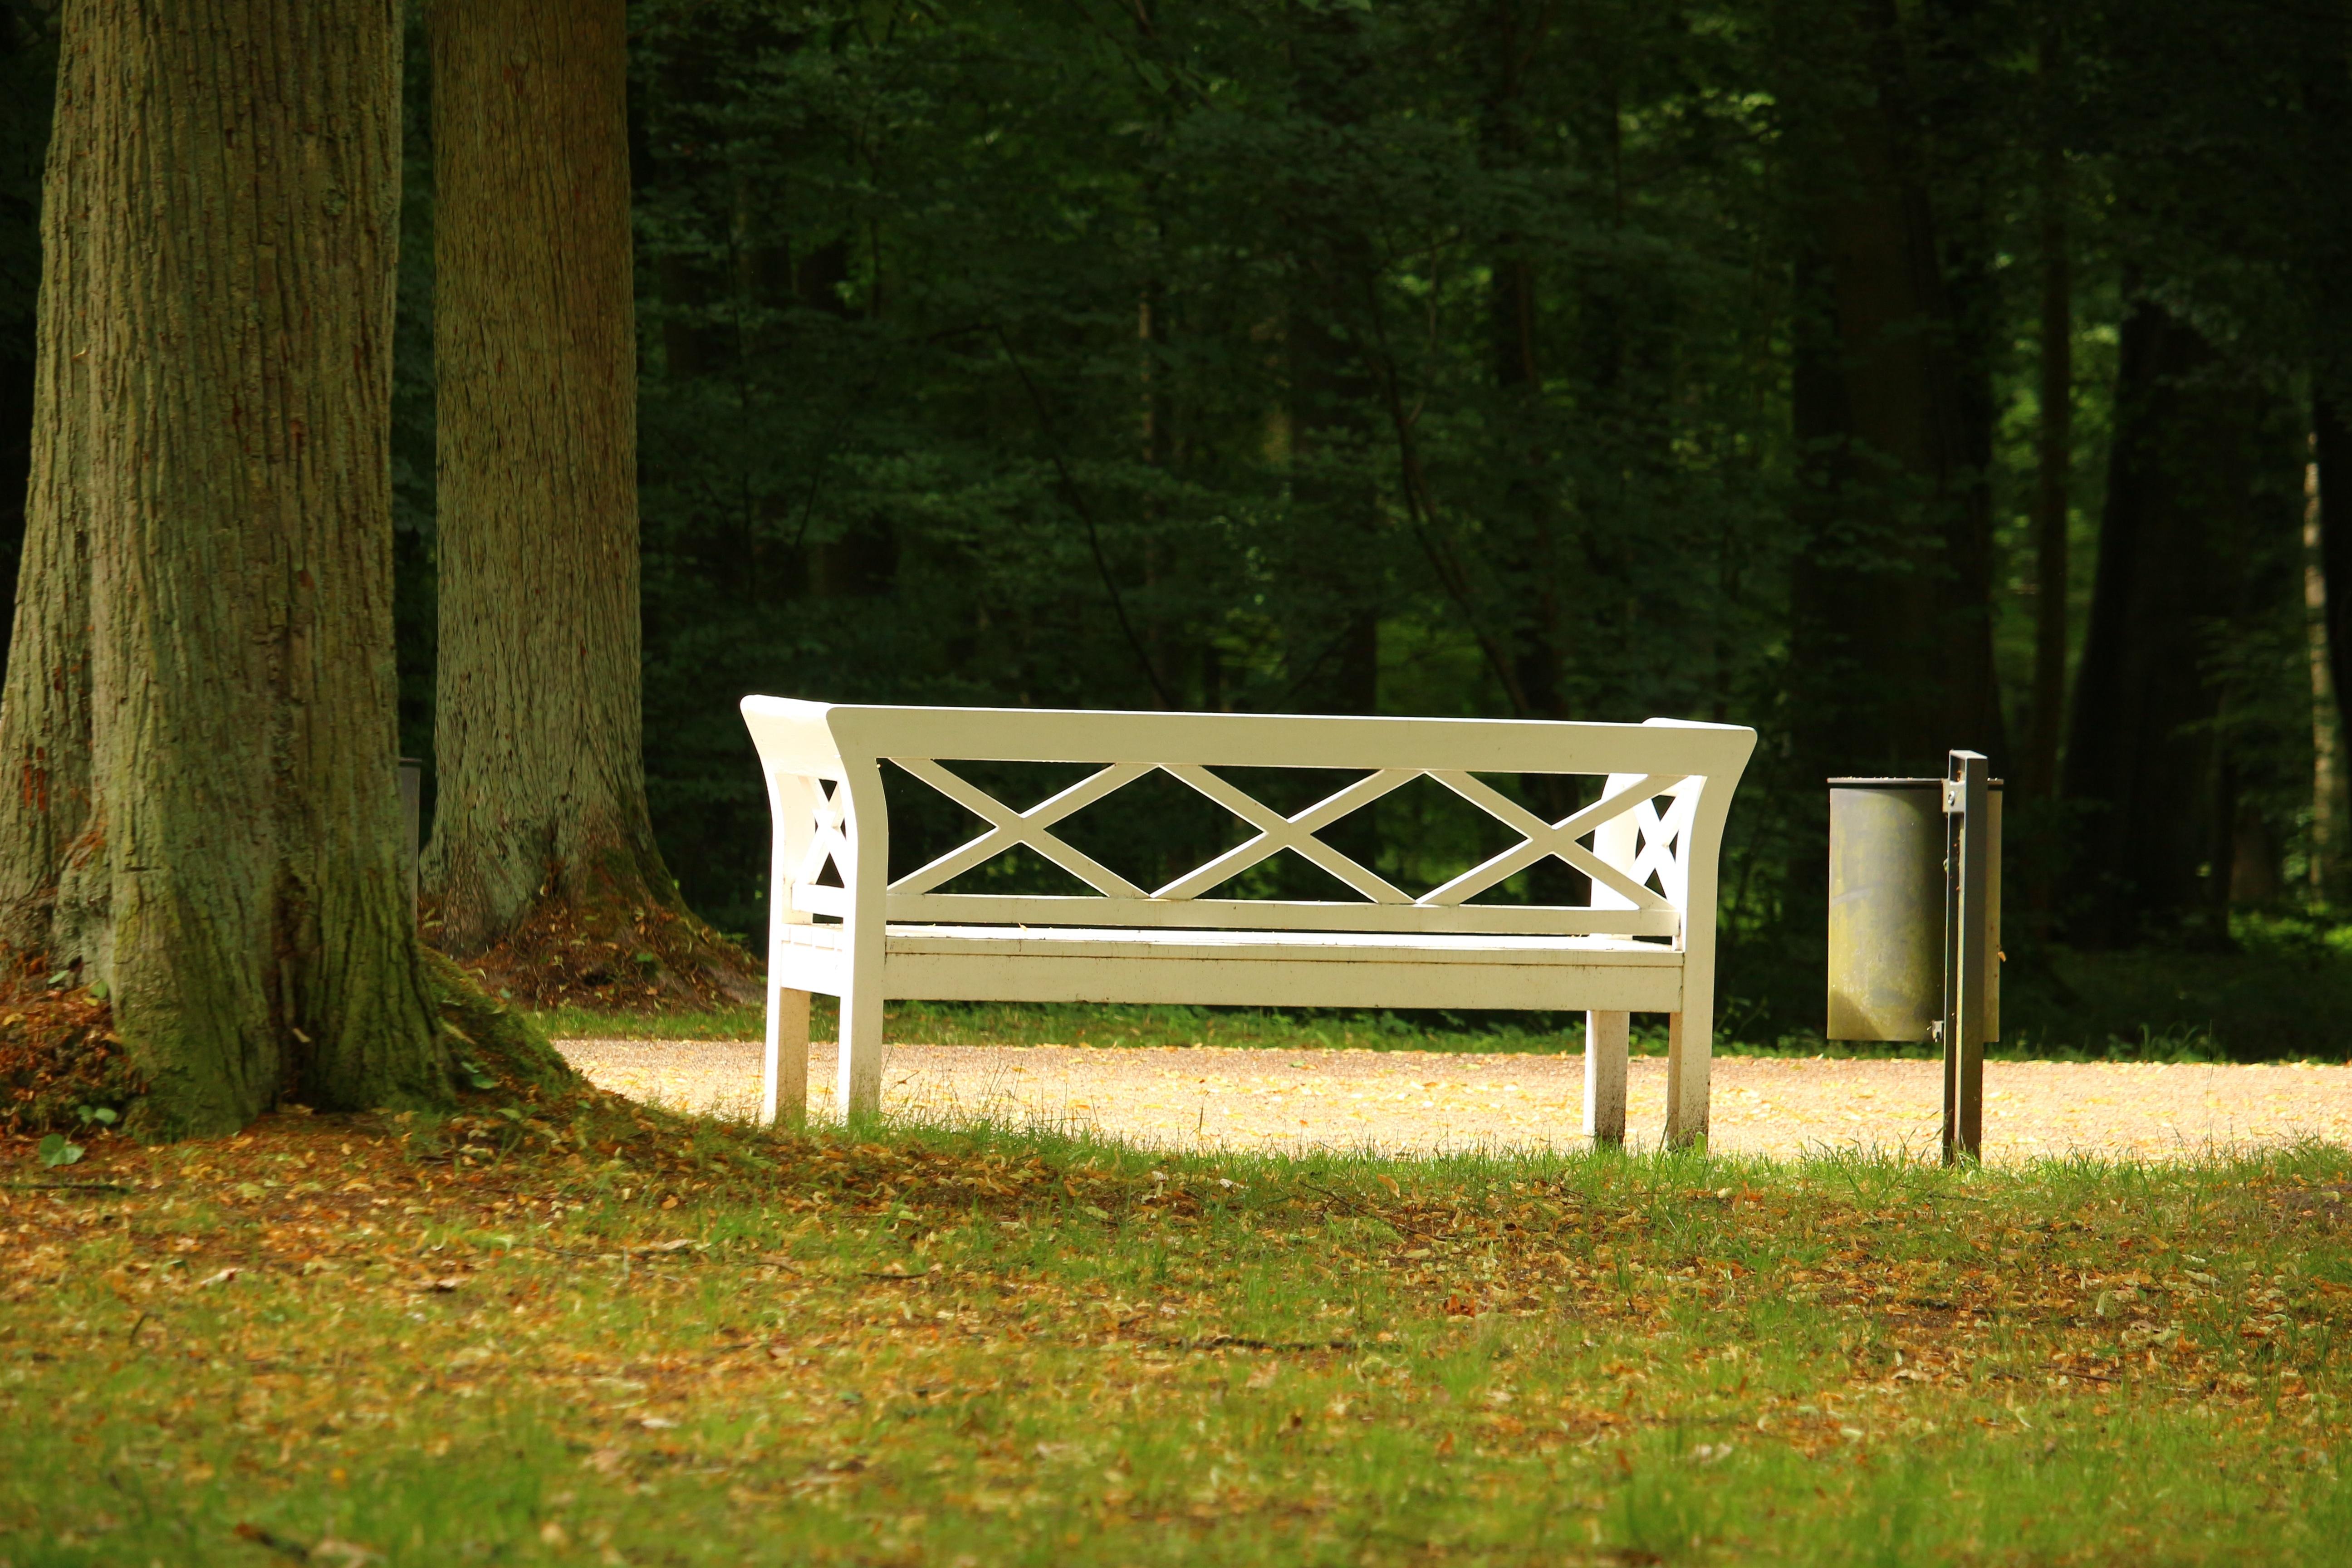 Fotos gratis : mesa, césped, madera, banco, verde, parque, patio ...